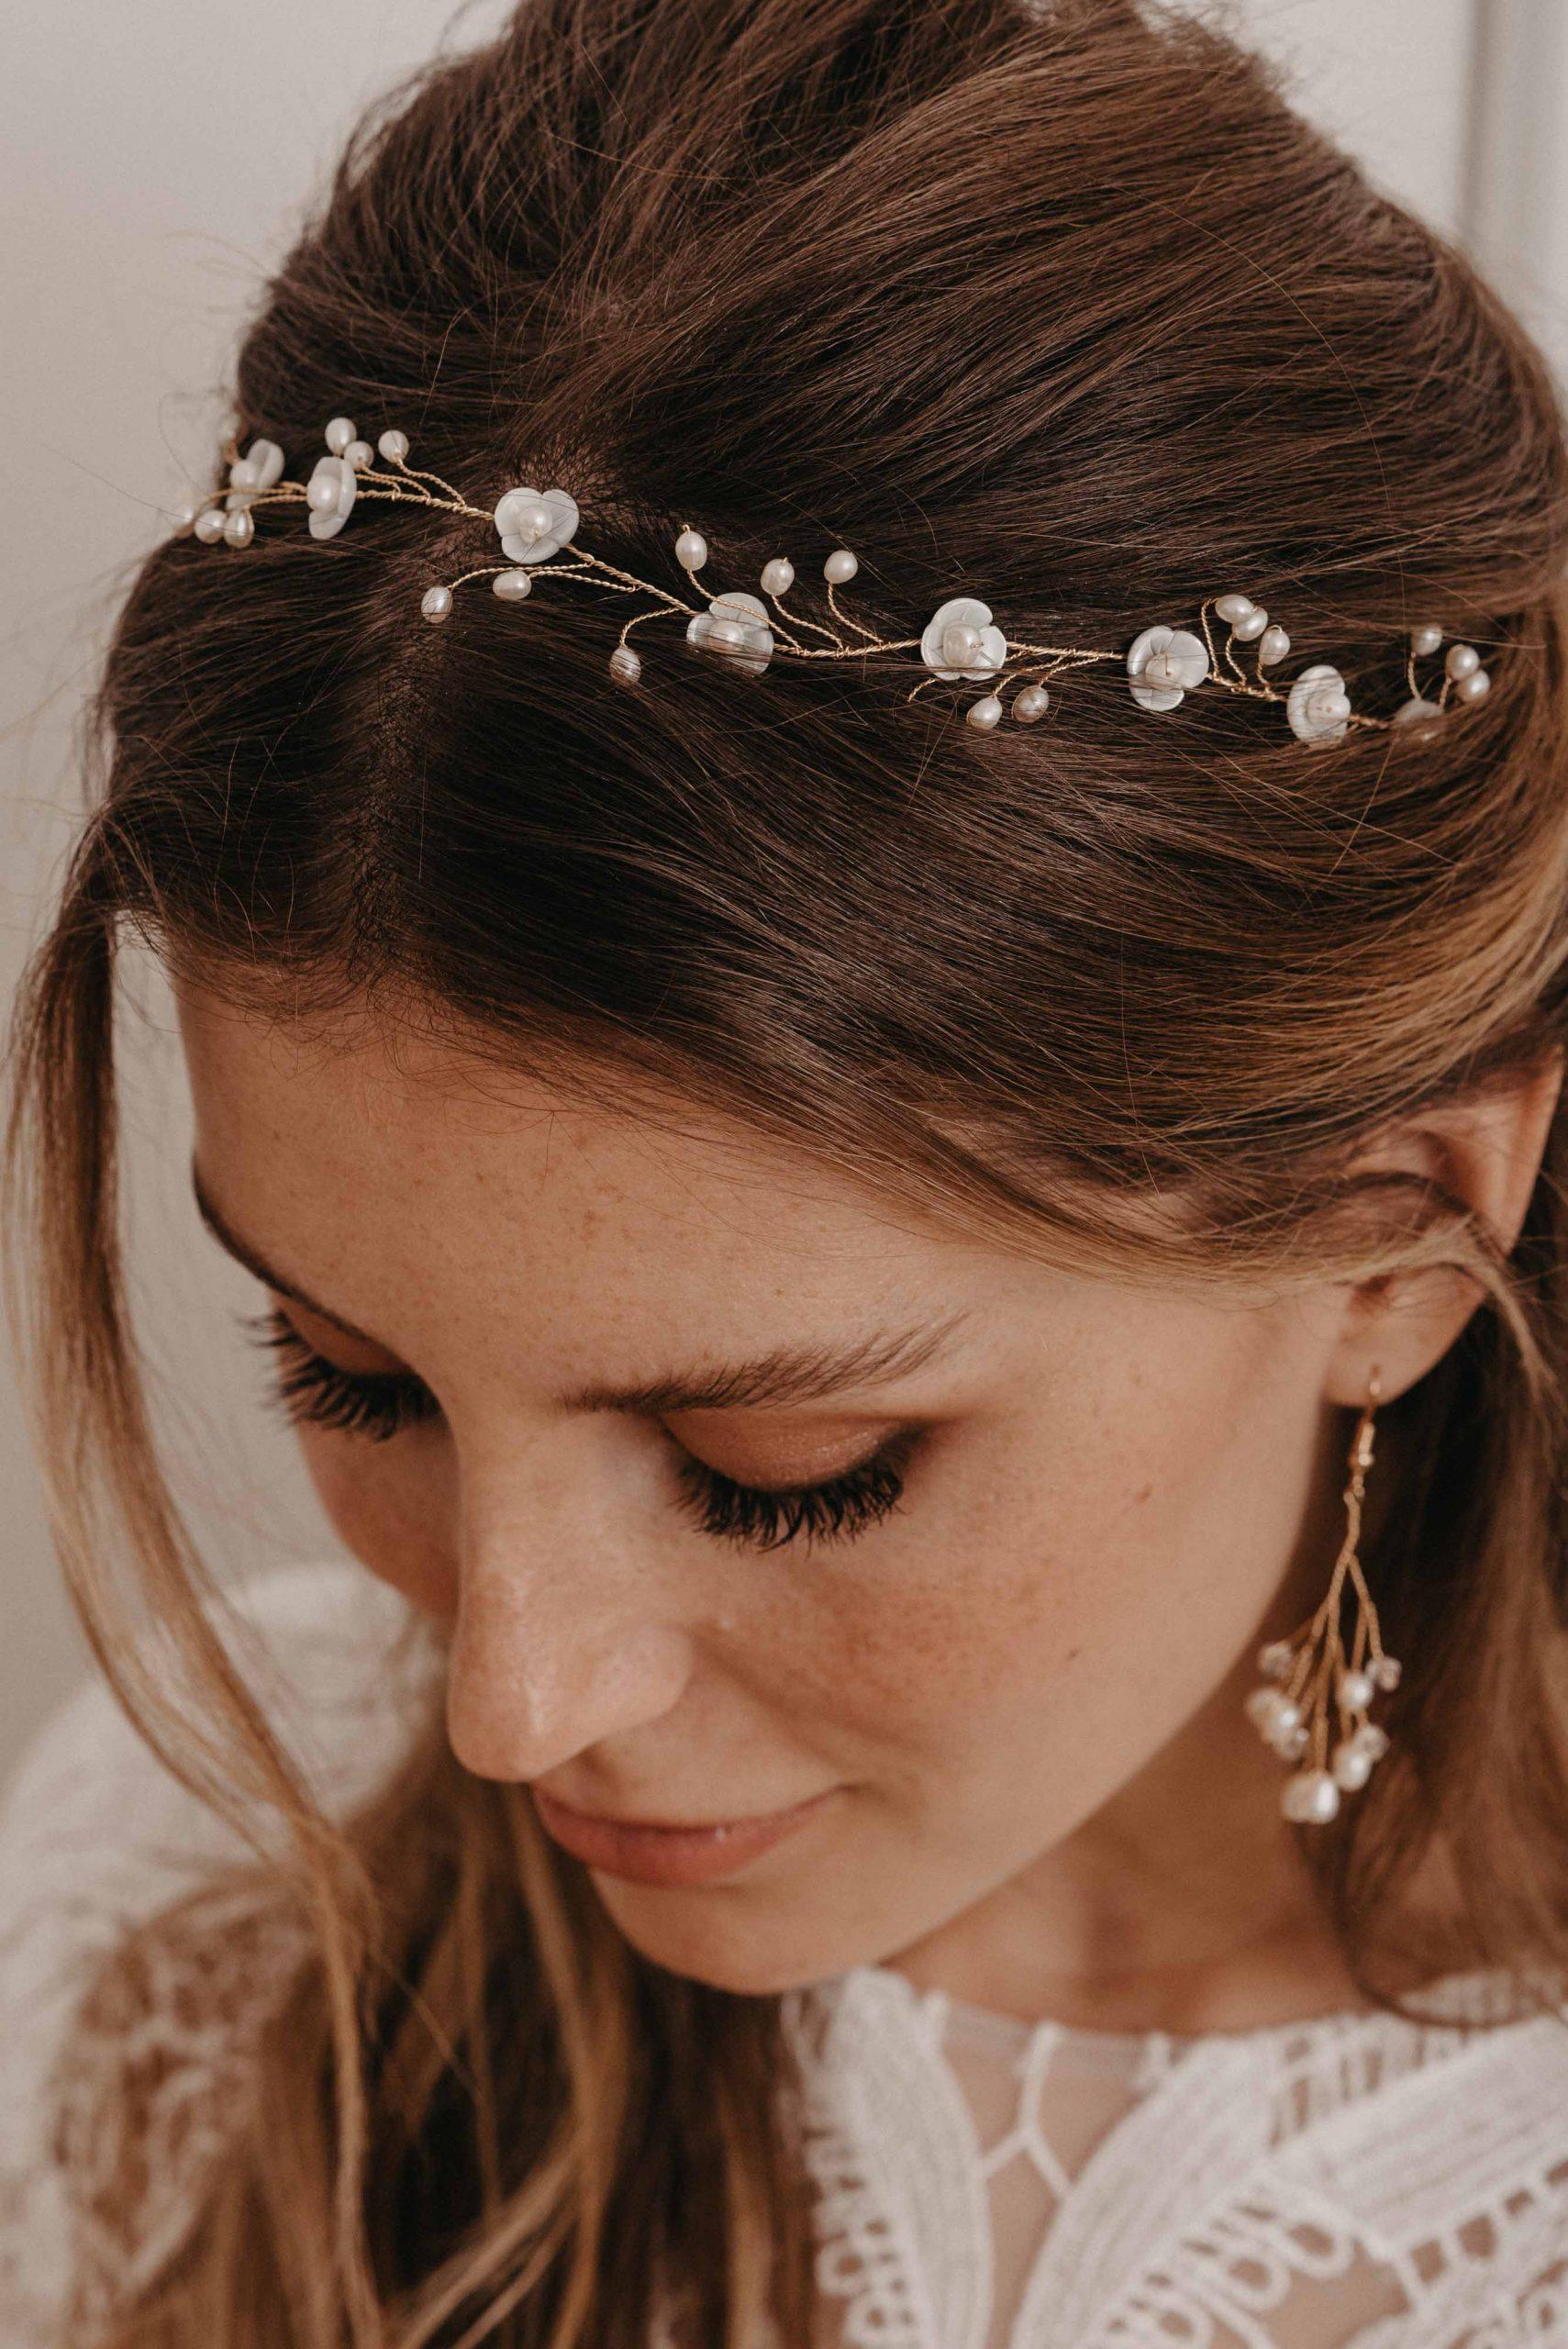 Blossom Haarband - Brautschmuck von Oonce